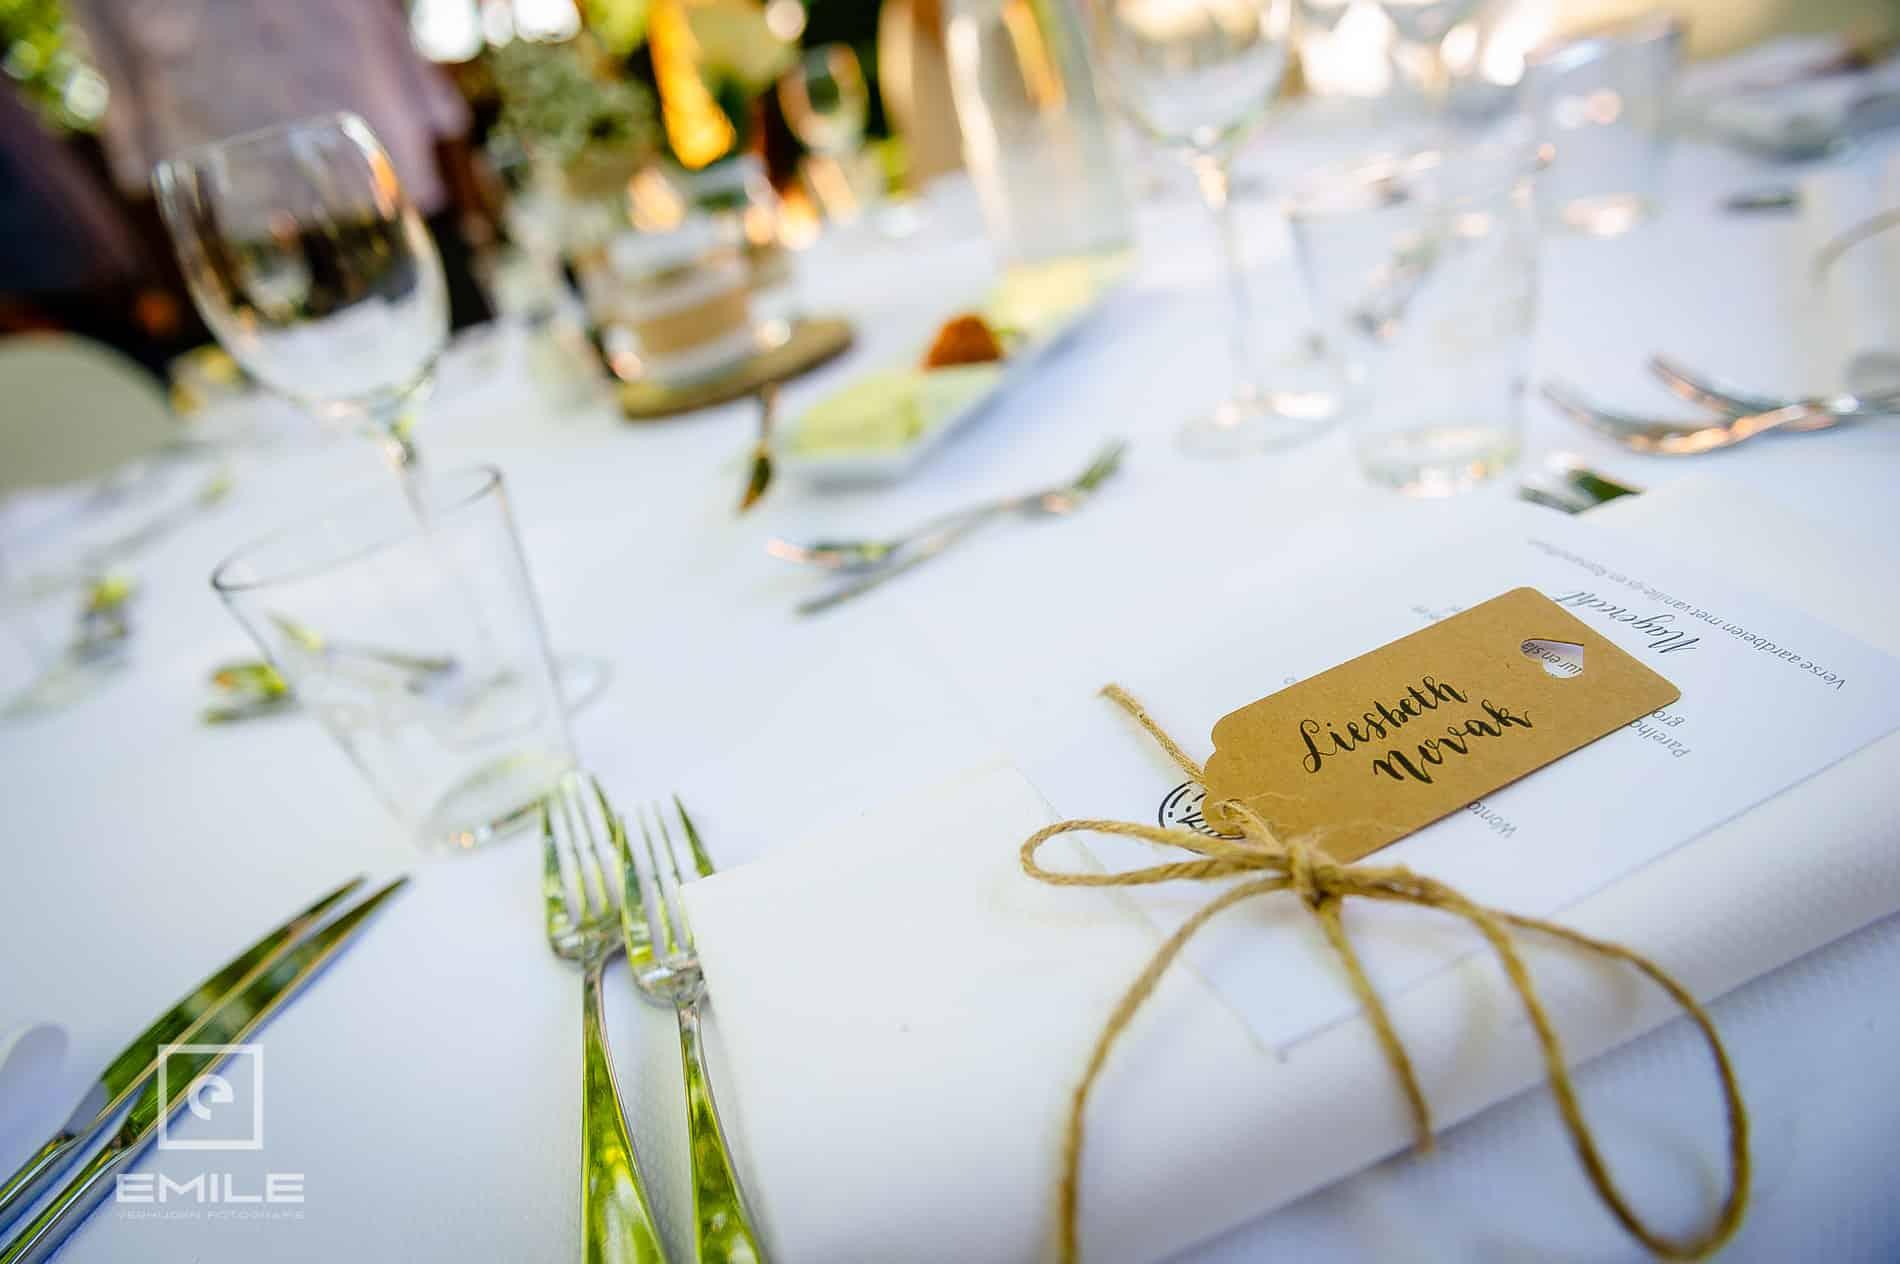 De tafel is gedekt voor de bruiloftgasten bij Partycentrum De Hoeve